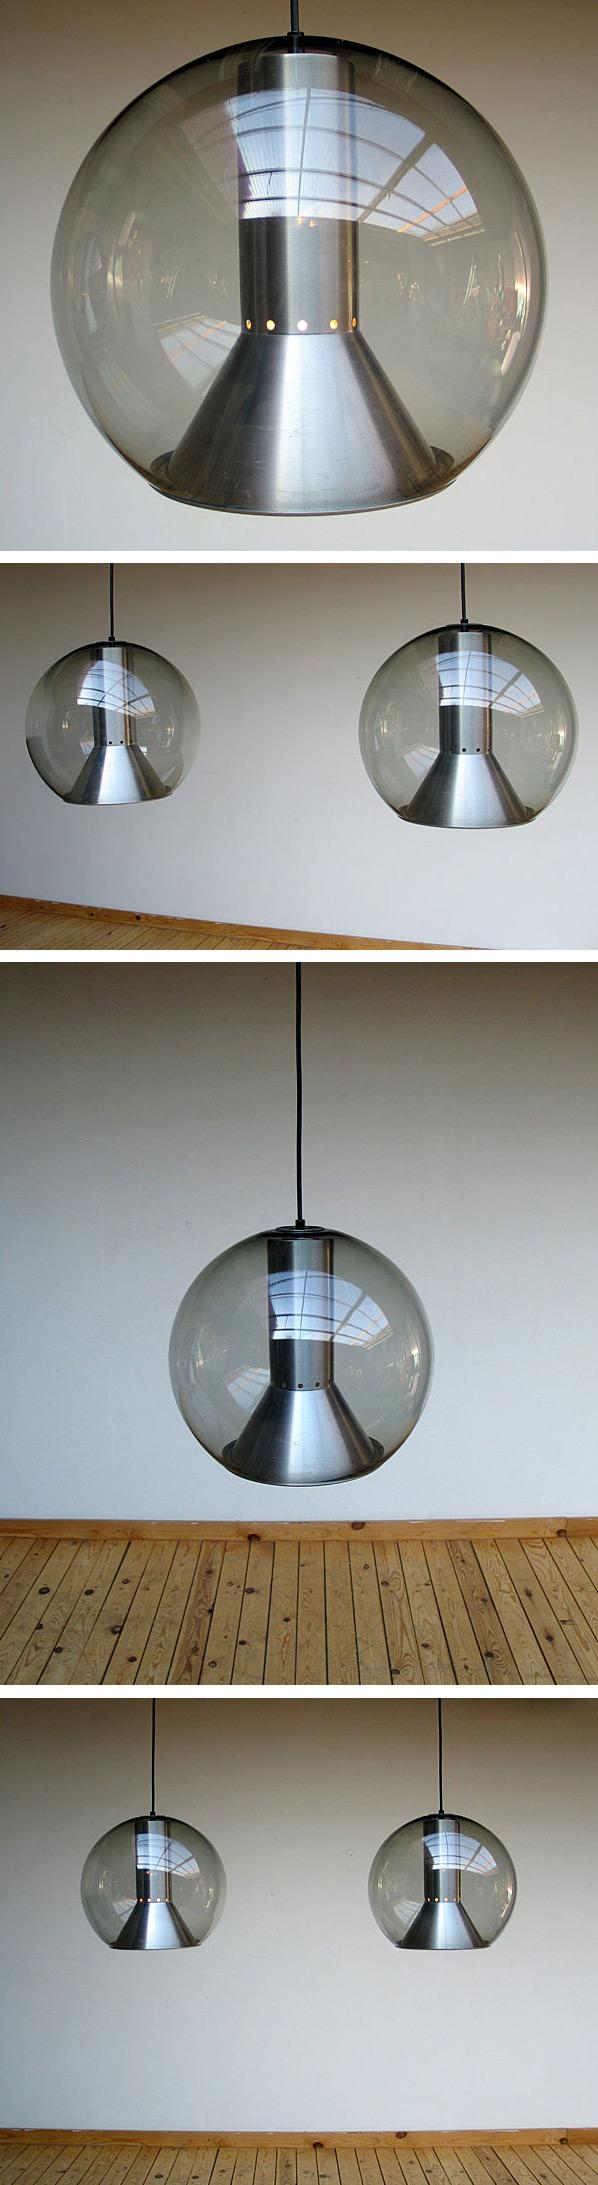 Pair of glass globe Raak lamps 1970 Large